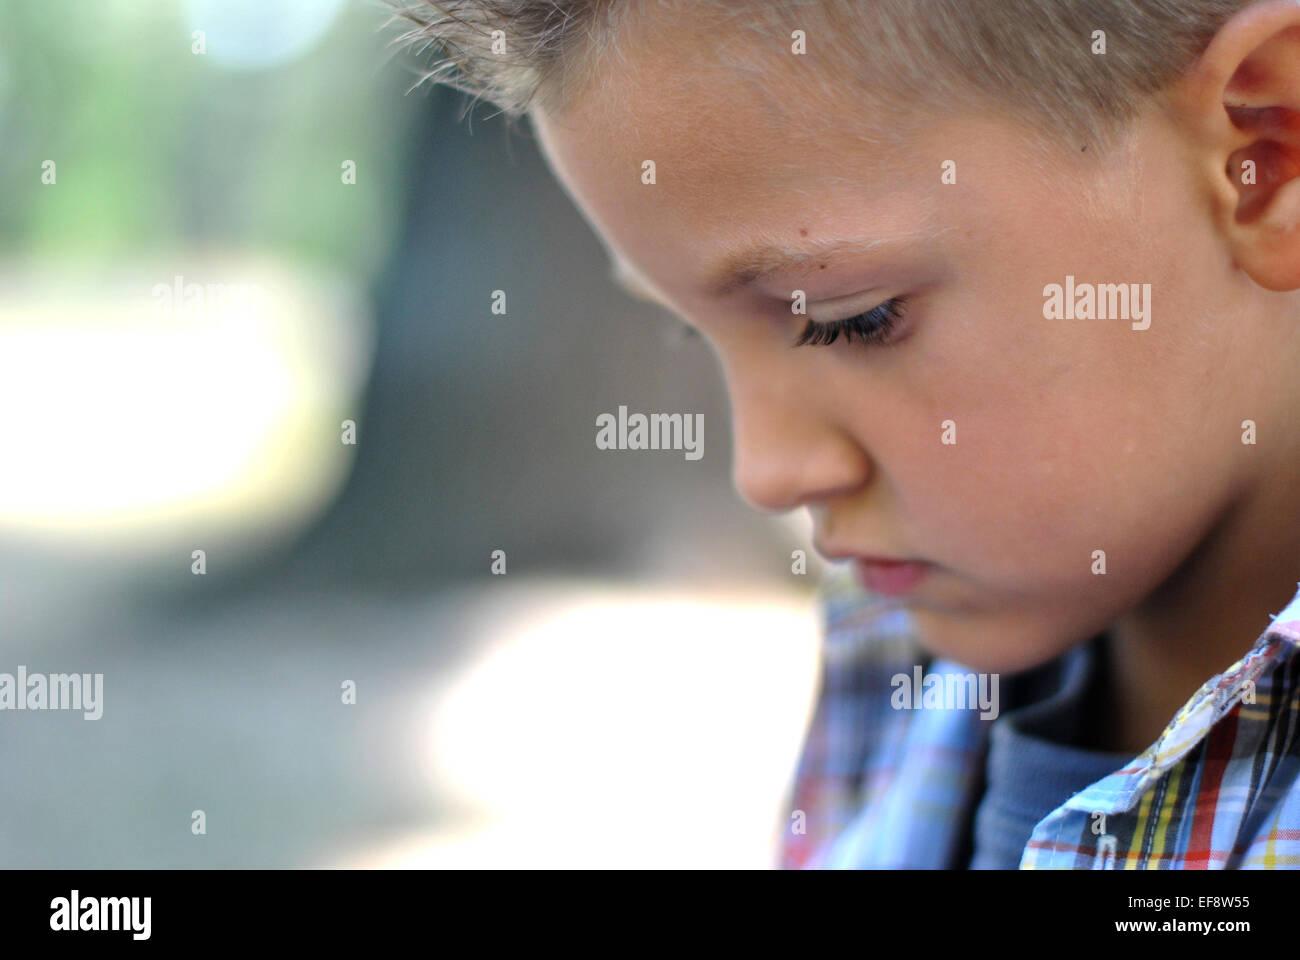 Headshot of young boy (6-7) - Stock Image